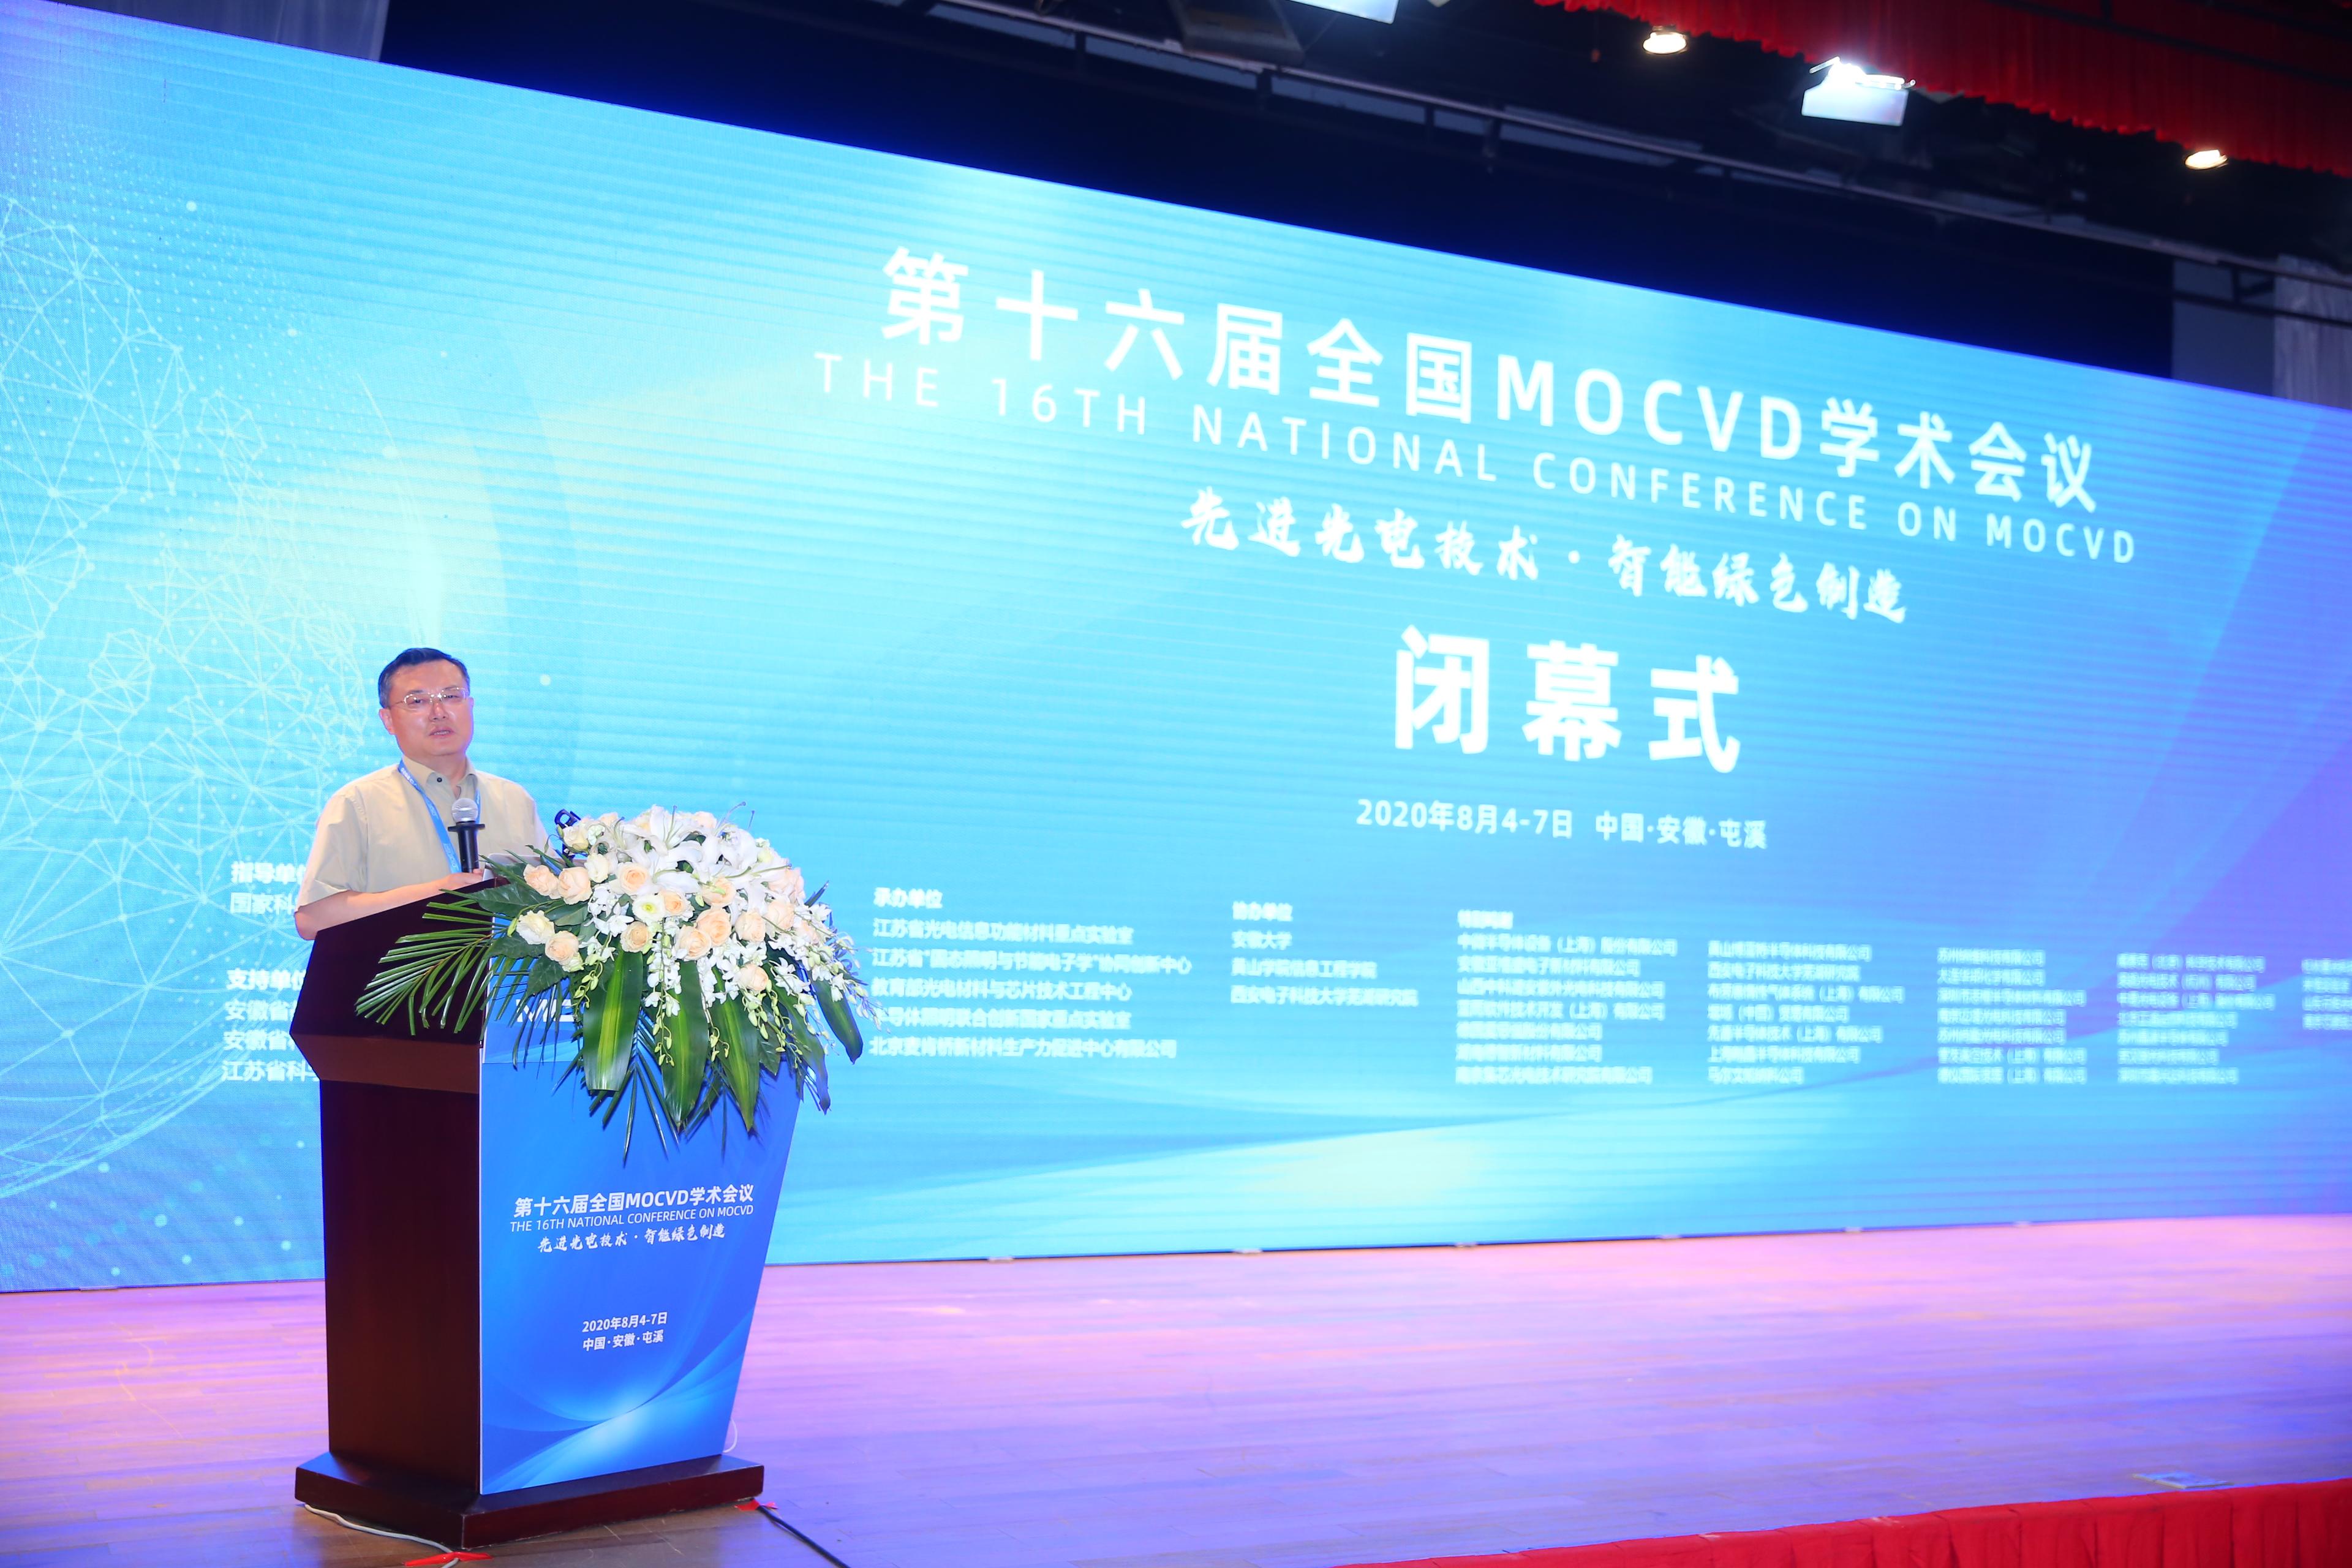 第十六届全国MOCVD学术会议在安徽屯溪顺利闭幕